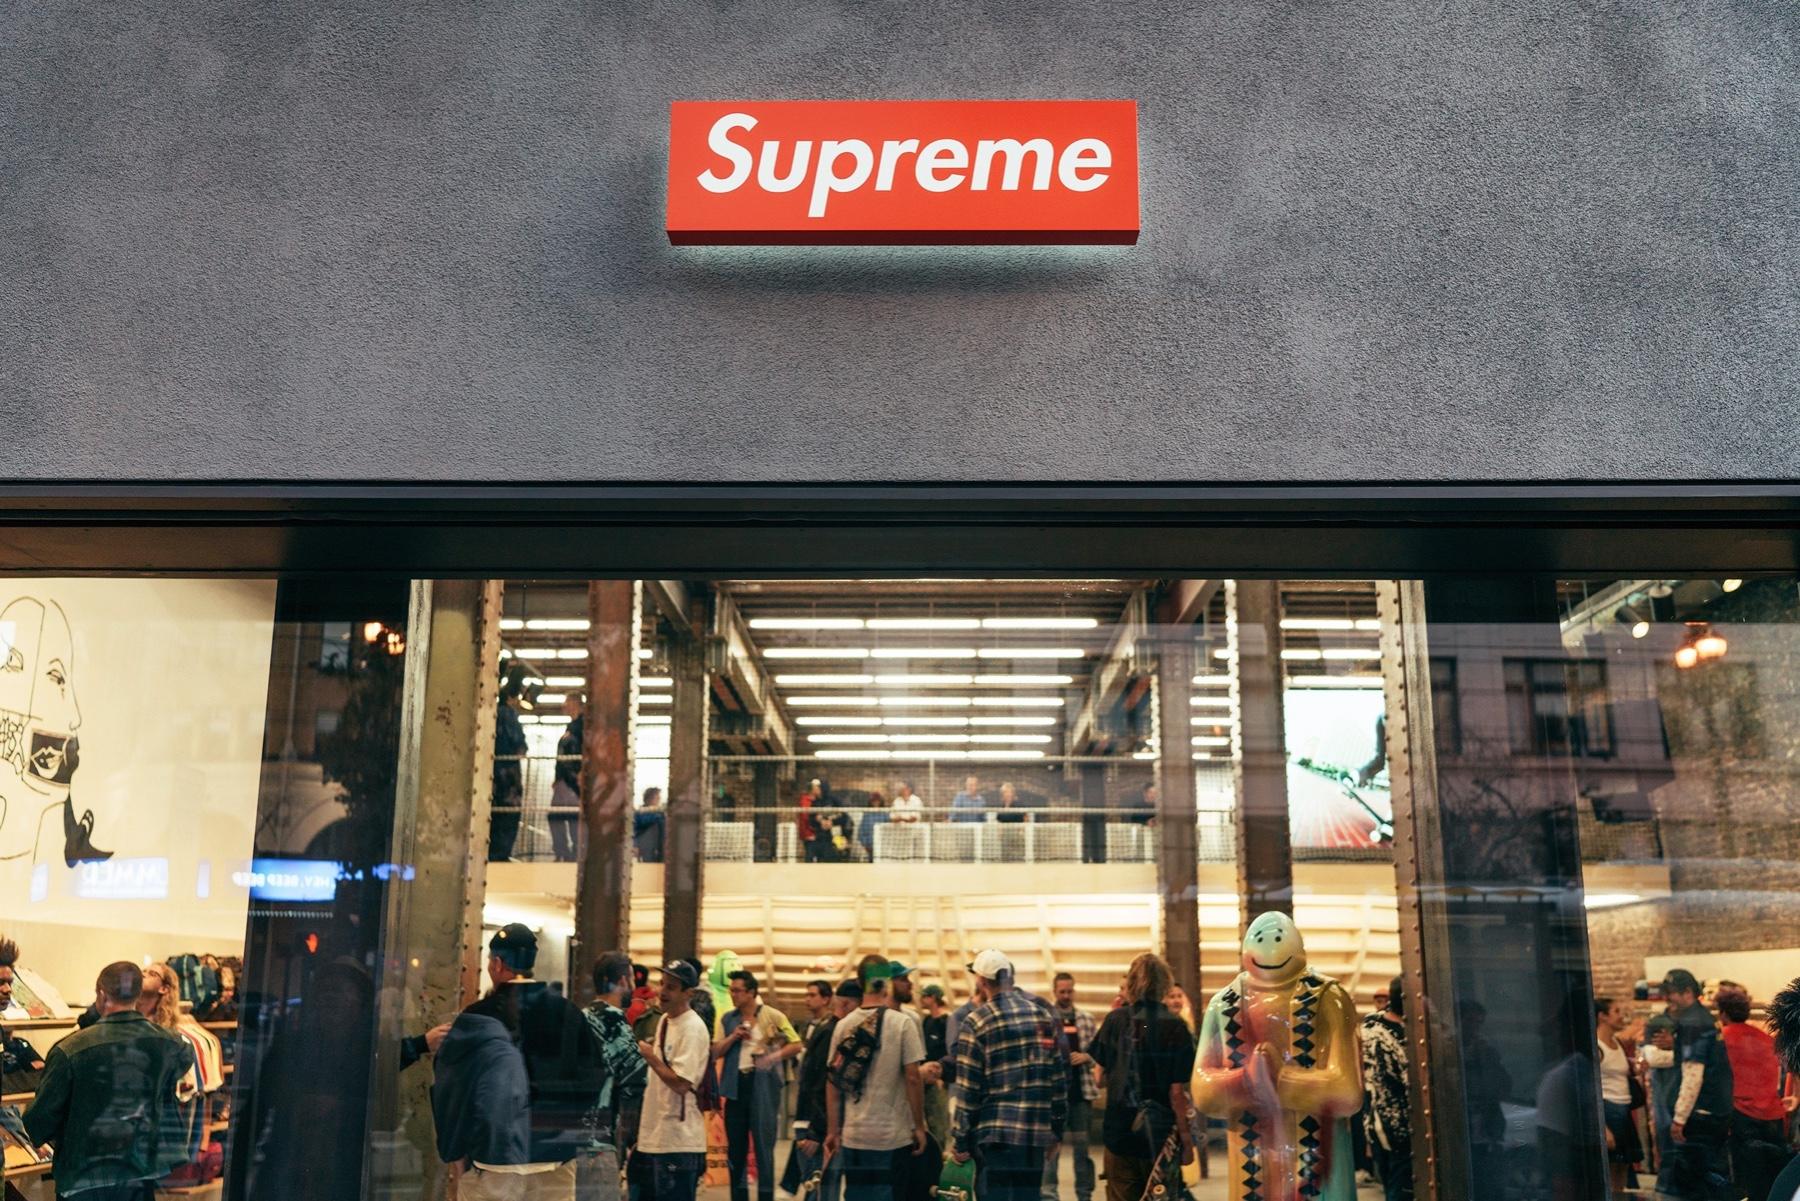 supreme store queue